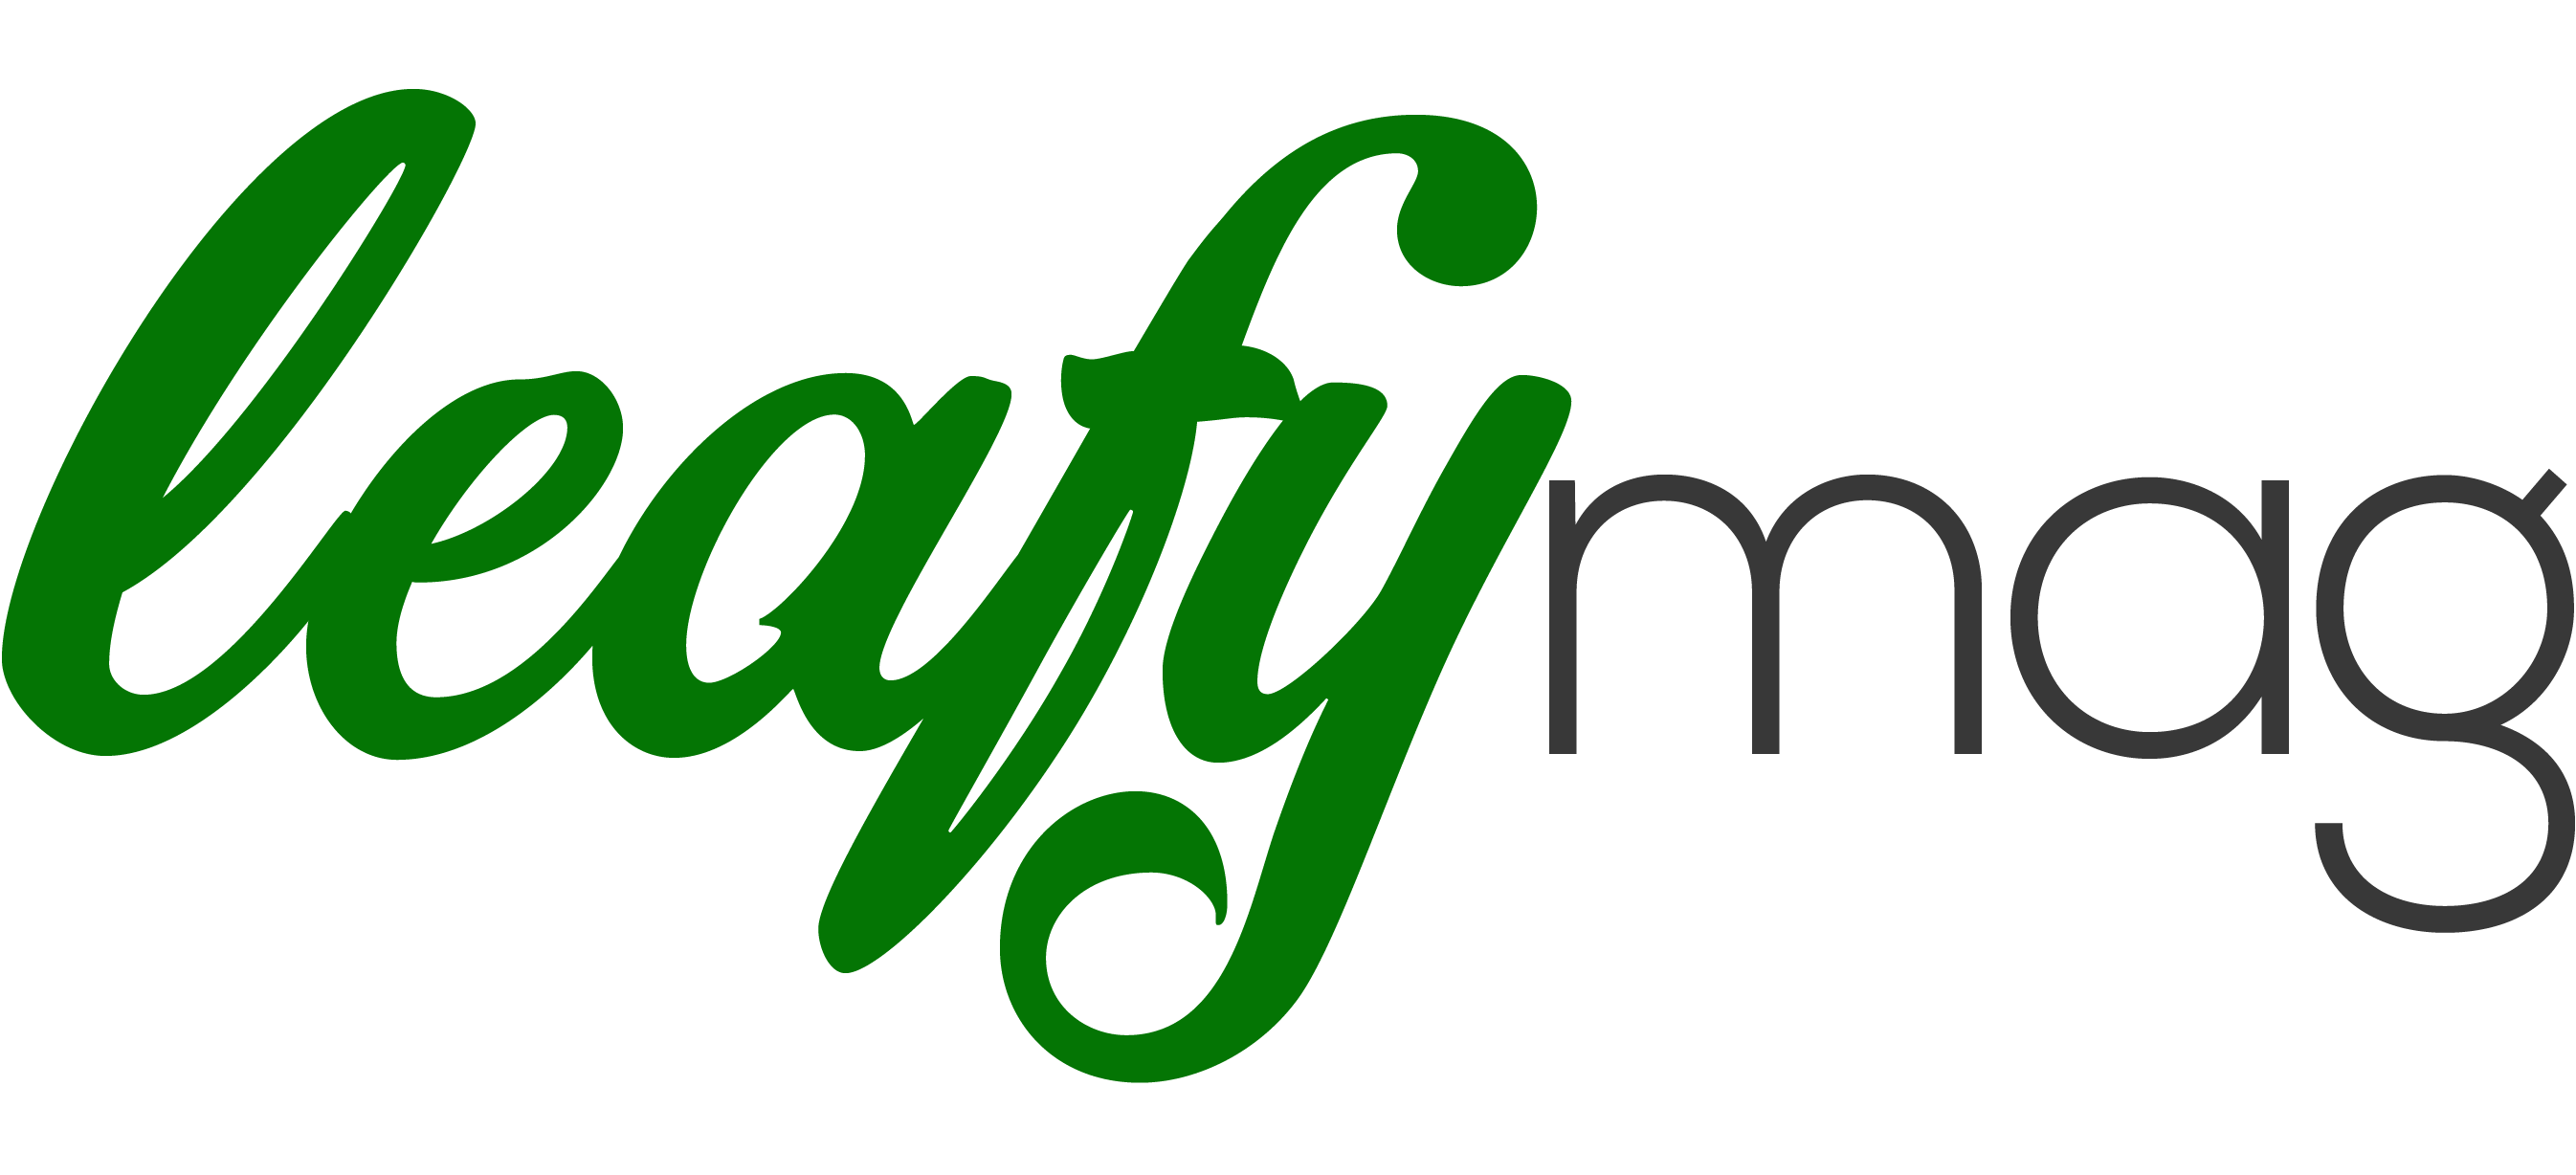 LeafyMag